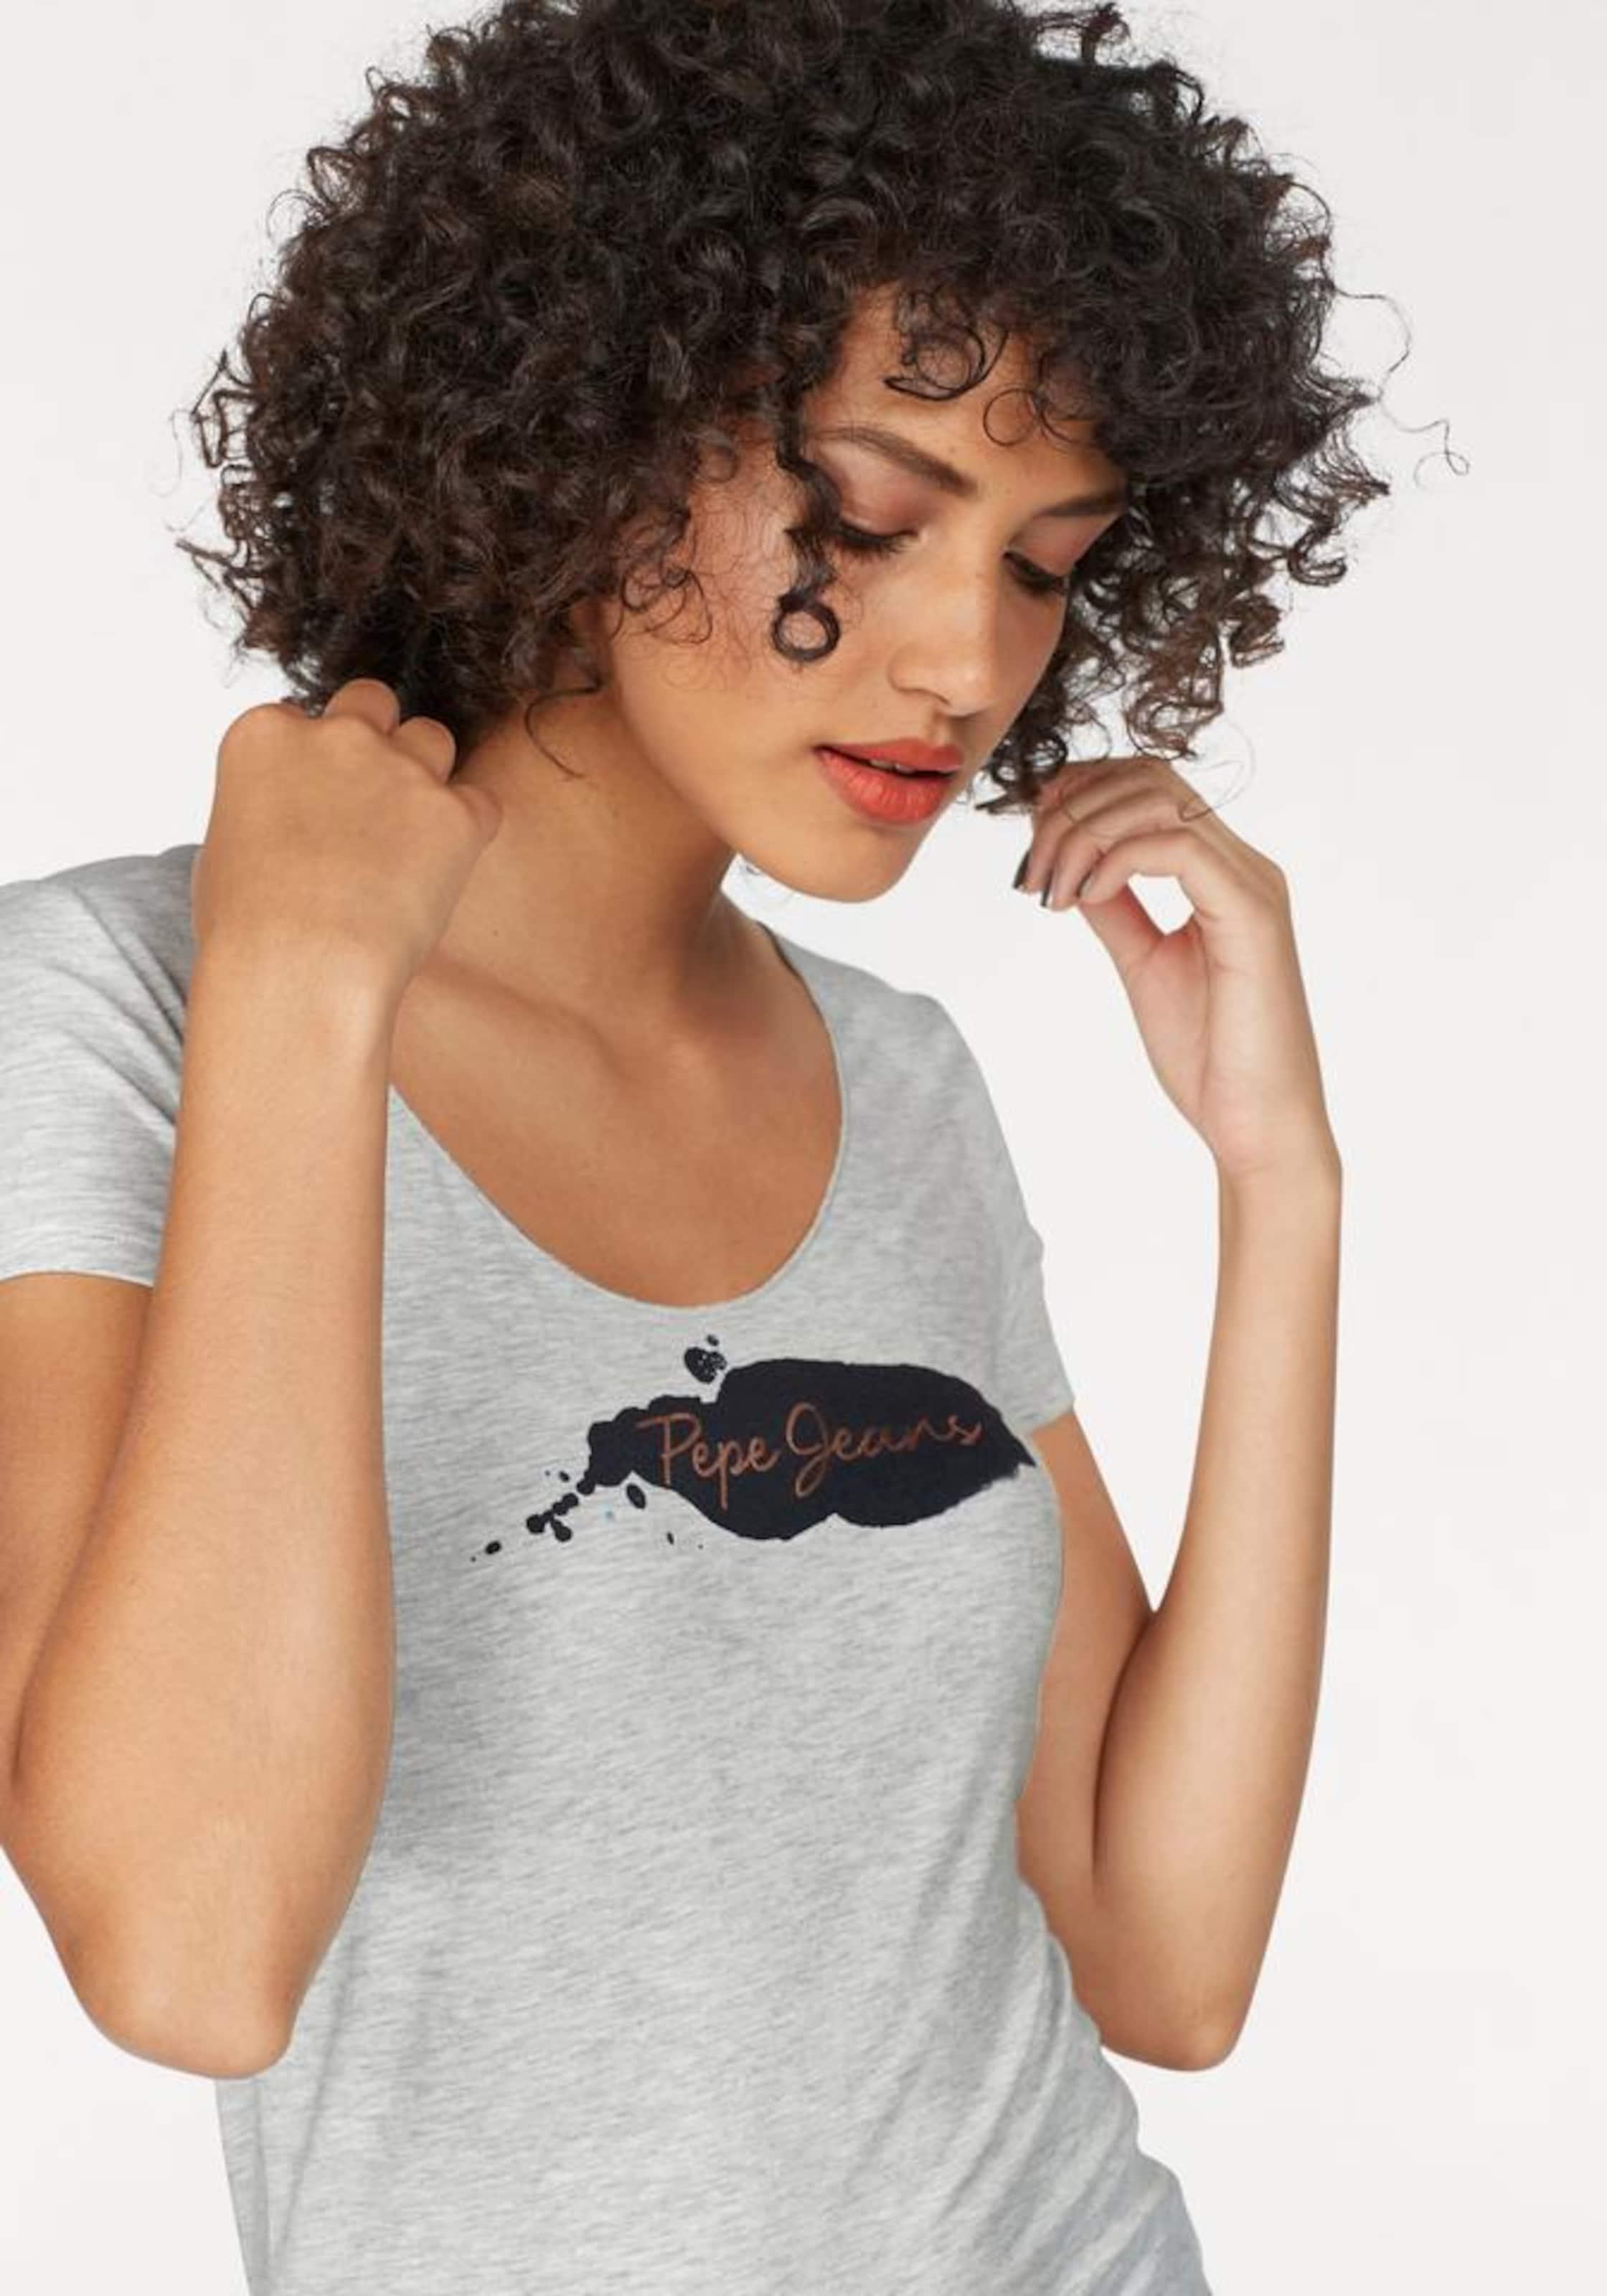 Rabatt Günstig Online Rabatt Wählen Eine Beste Pepe Jeans T-Shirt 'VIOLETA' Niedriger Preis Versandgebühr Auslass Veröffentlichungstermine Auslass Offizielle Seite UokLeZuS